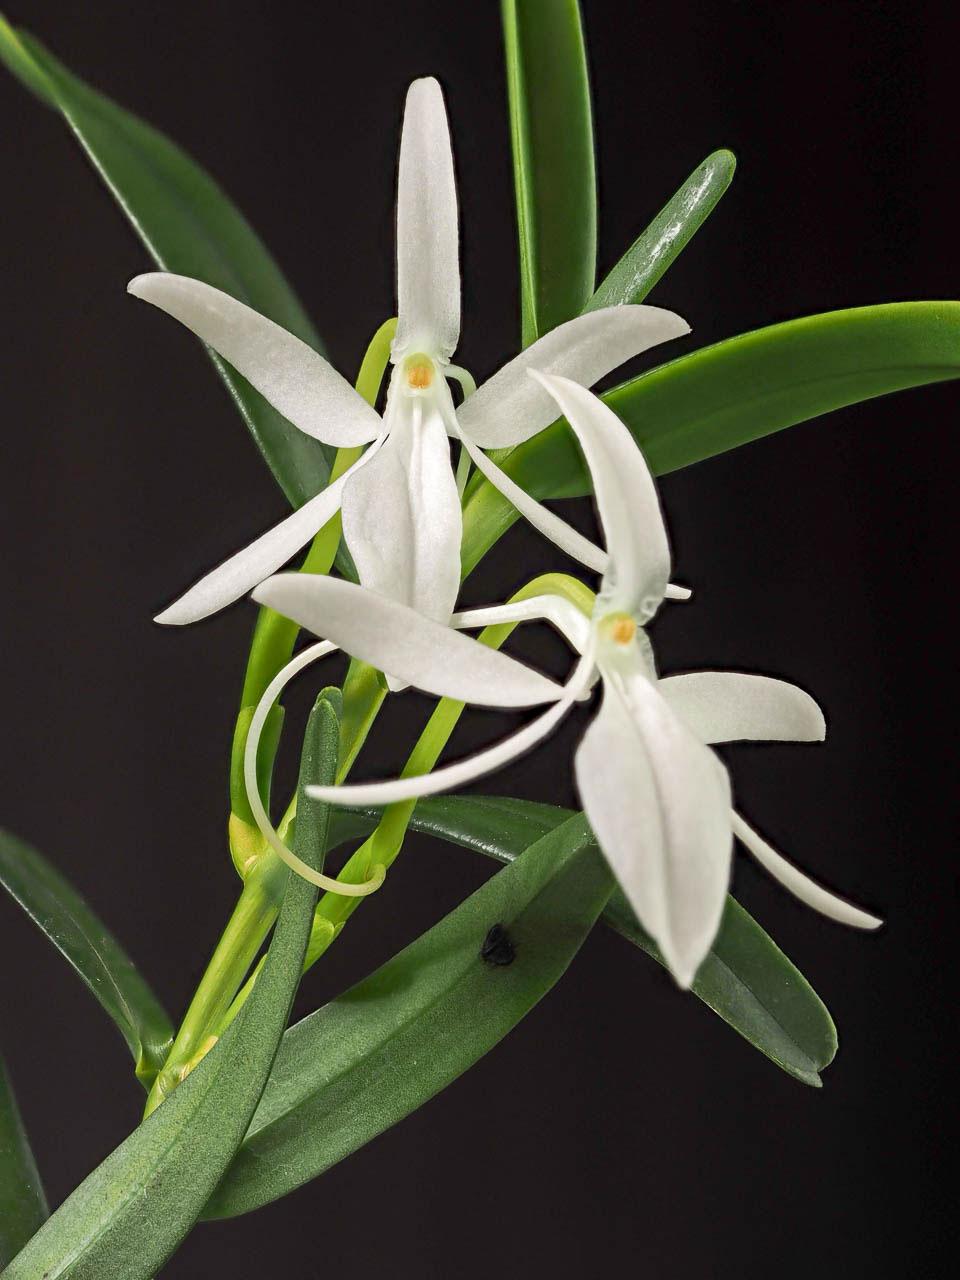 科摩罗朱美兰Jumellea comorensis (Rchb.f.)